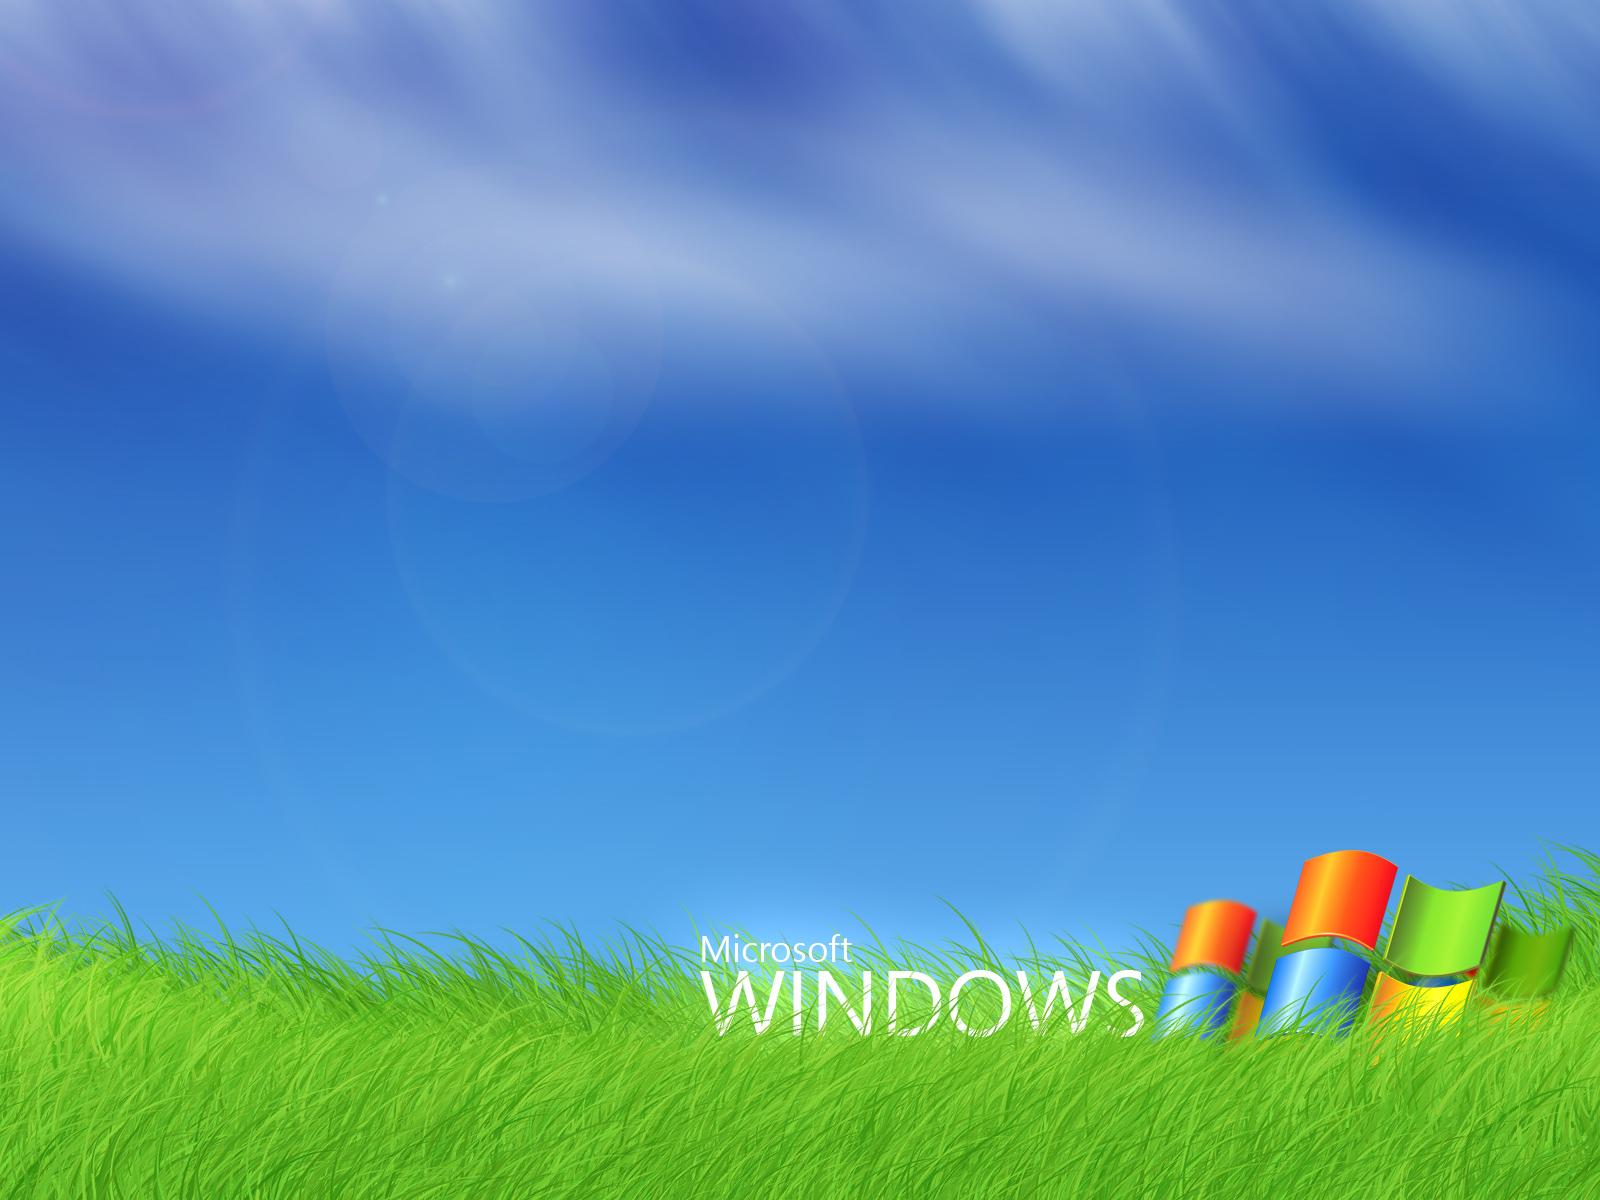 http://2.bp.blogspot.com/-gX-V6DQ_W70/Tz5XjiaZJTI/AAAAAAAADL8/f8sNvsknnjo/s1600/microsoft_windows-normal.jpg